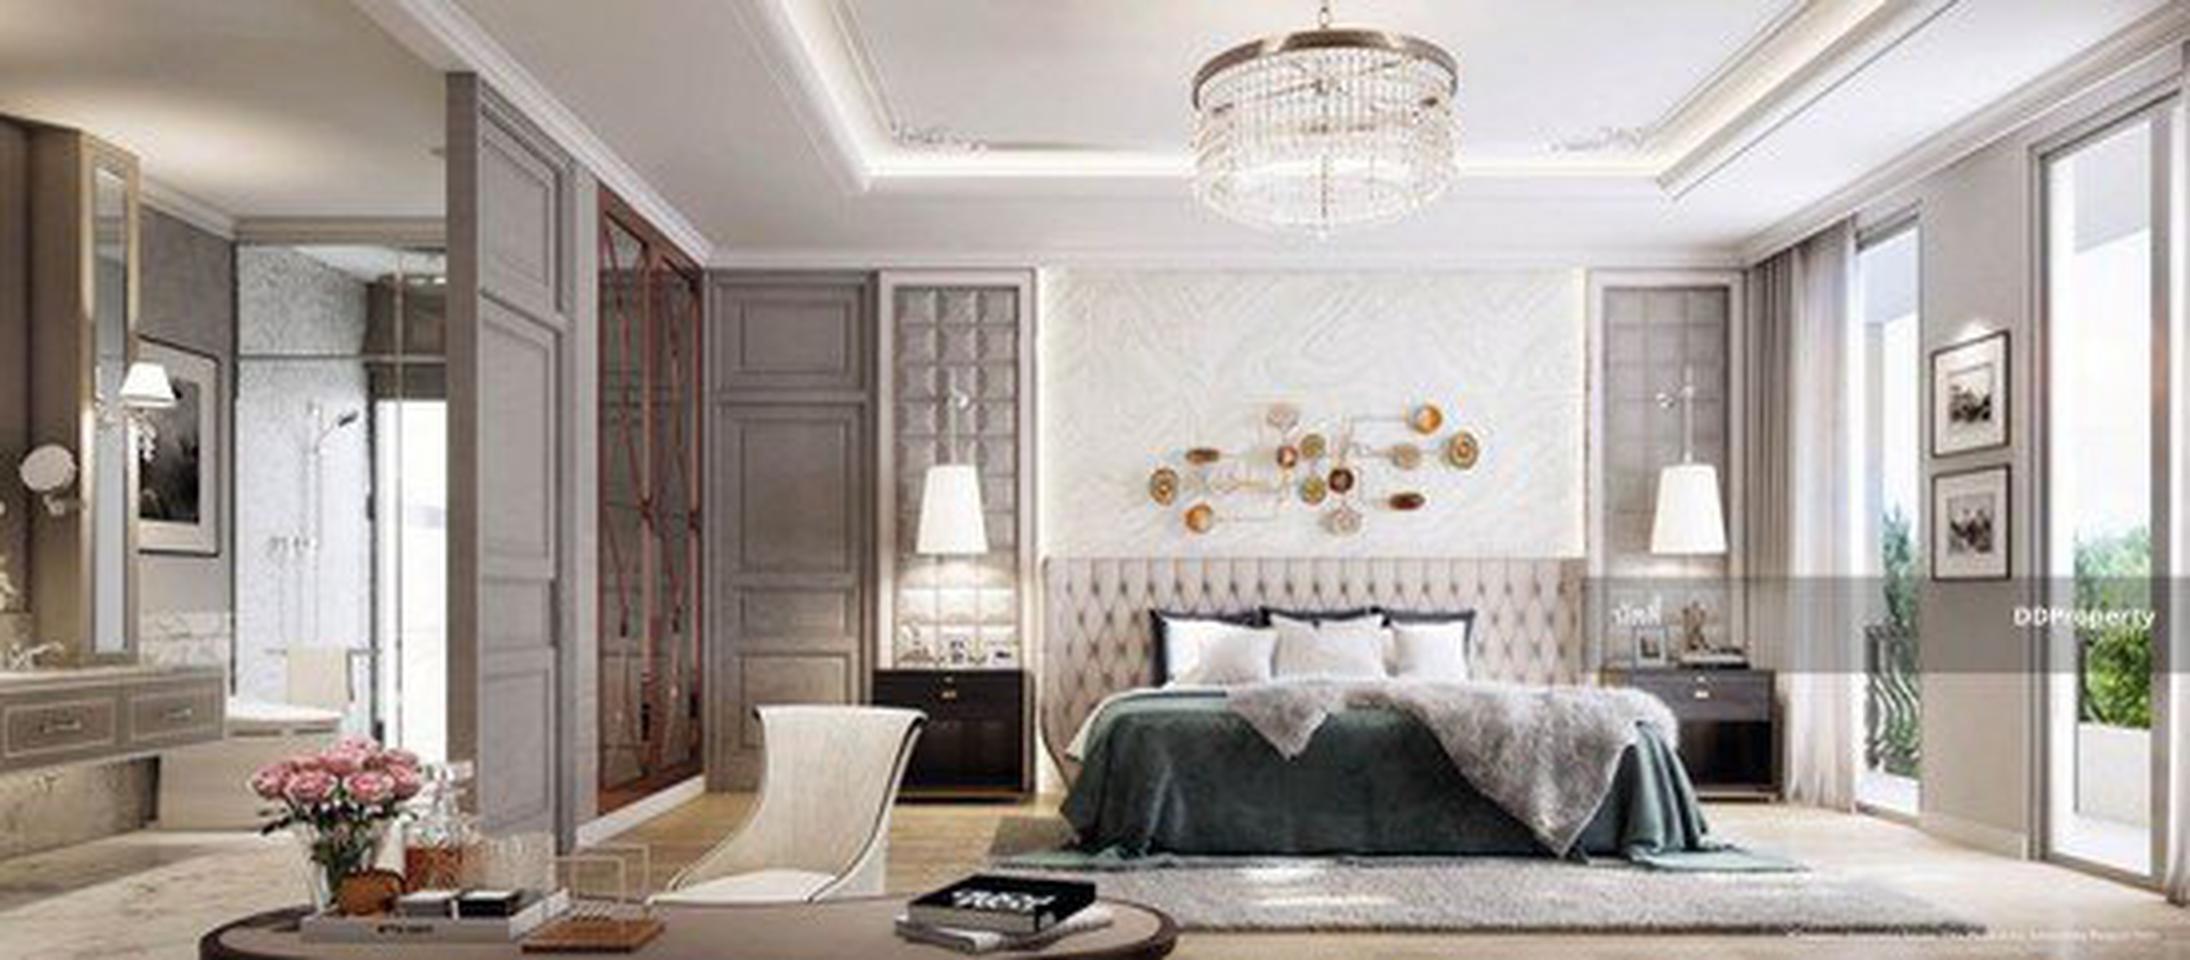 ขายบ้านเดี่ยว 649 residence Luxury Maisons  รูปที่ 2